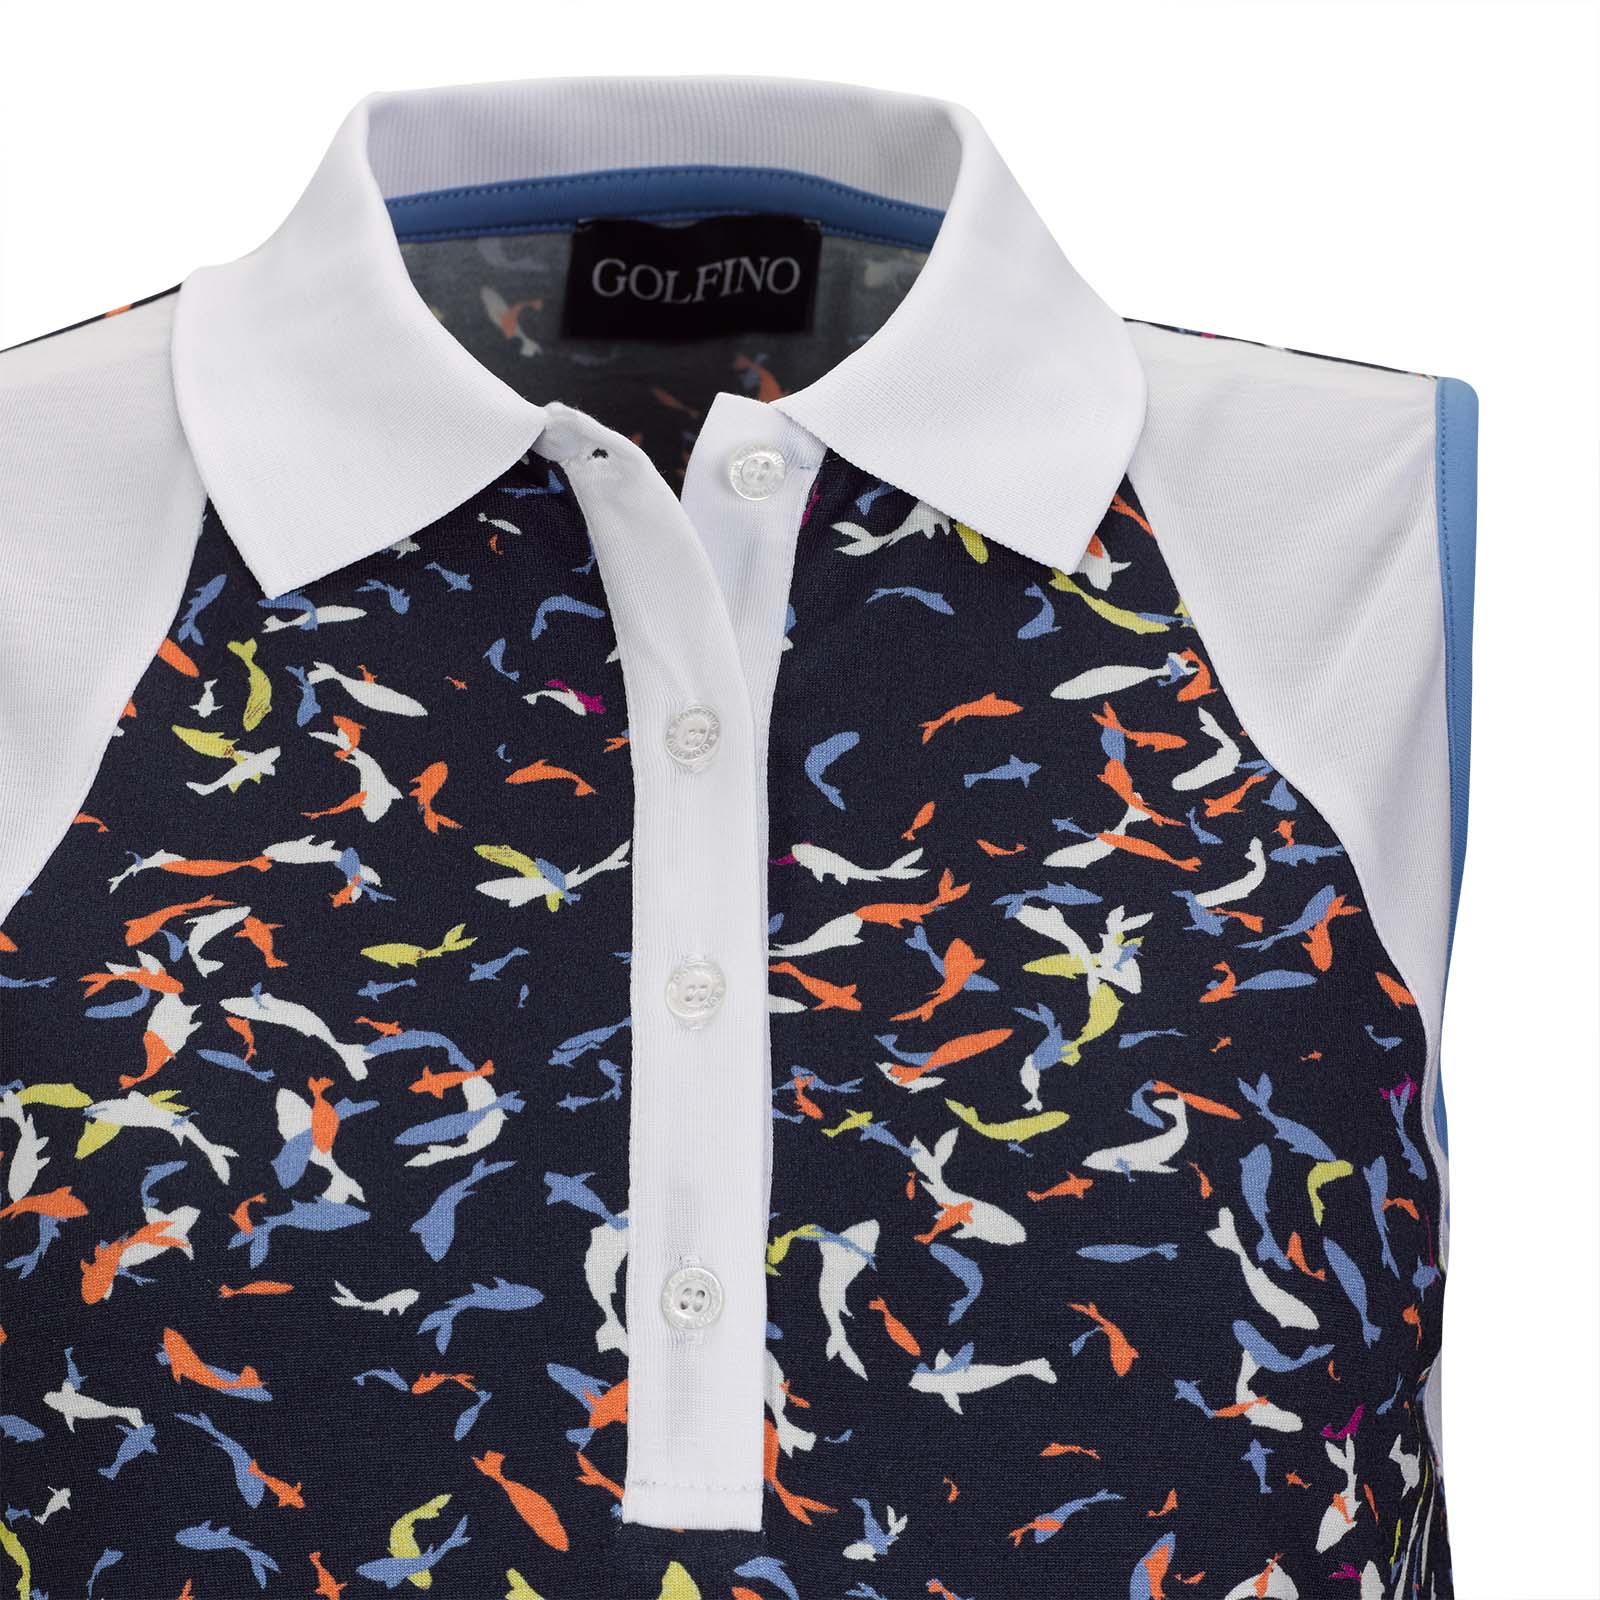 Ärmelloses Damen Stretch-Polohemd aus weicher Viskose mit Print